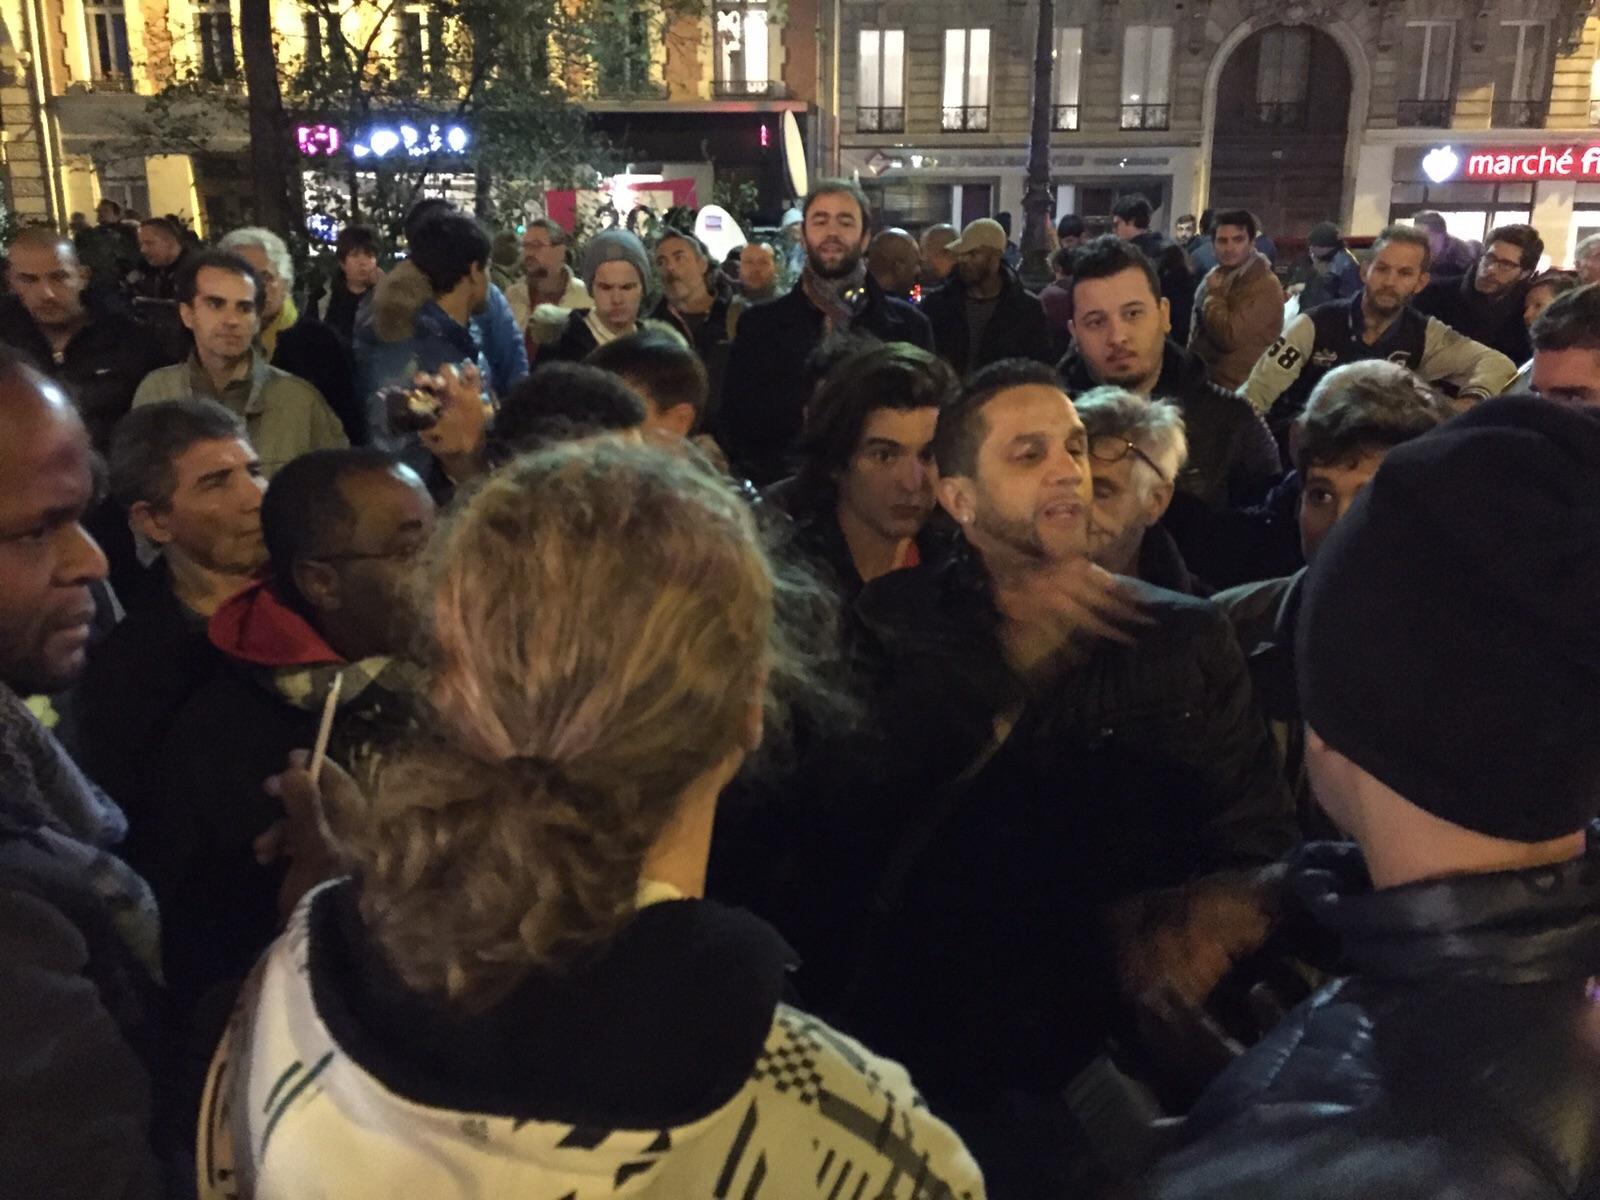 Parisinos buscan información frente a Bataclan / Foto Cel: Iñki.